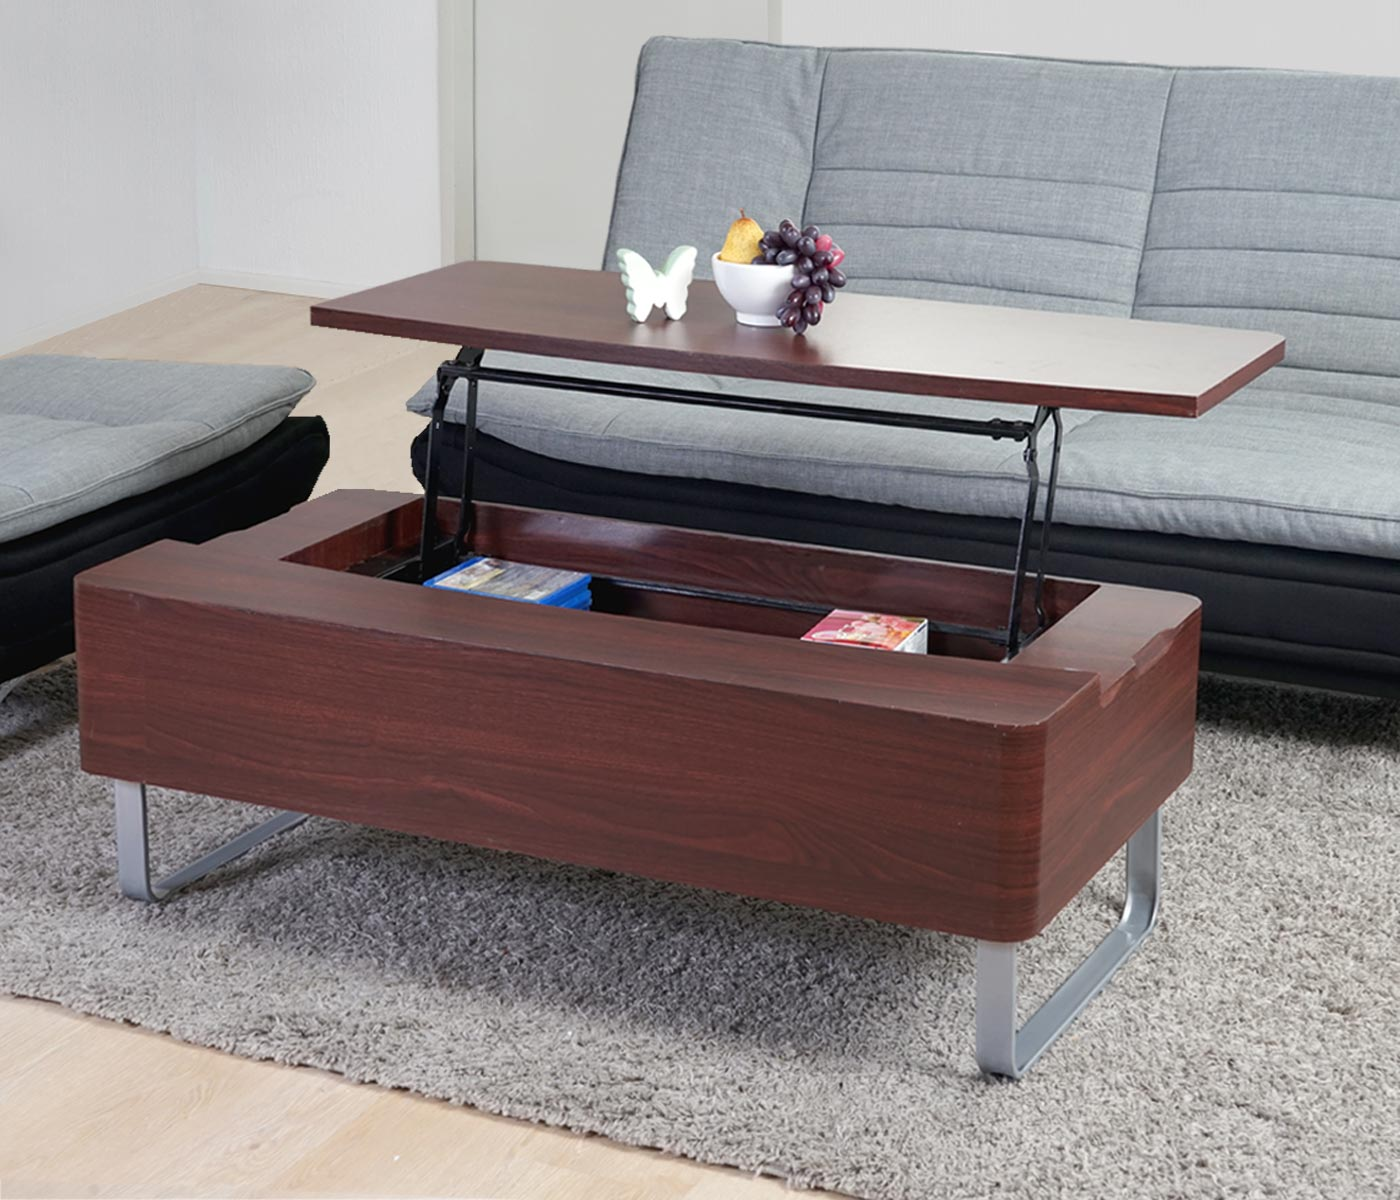 couchtisch roman wohnzimmertisch ausklappbar mit stauraum ebay. Black Bedroom Furniture Sets. Home Design Ideas